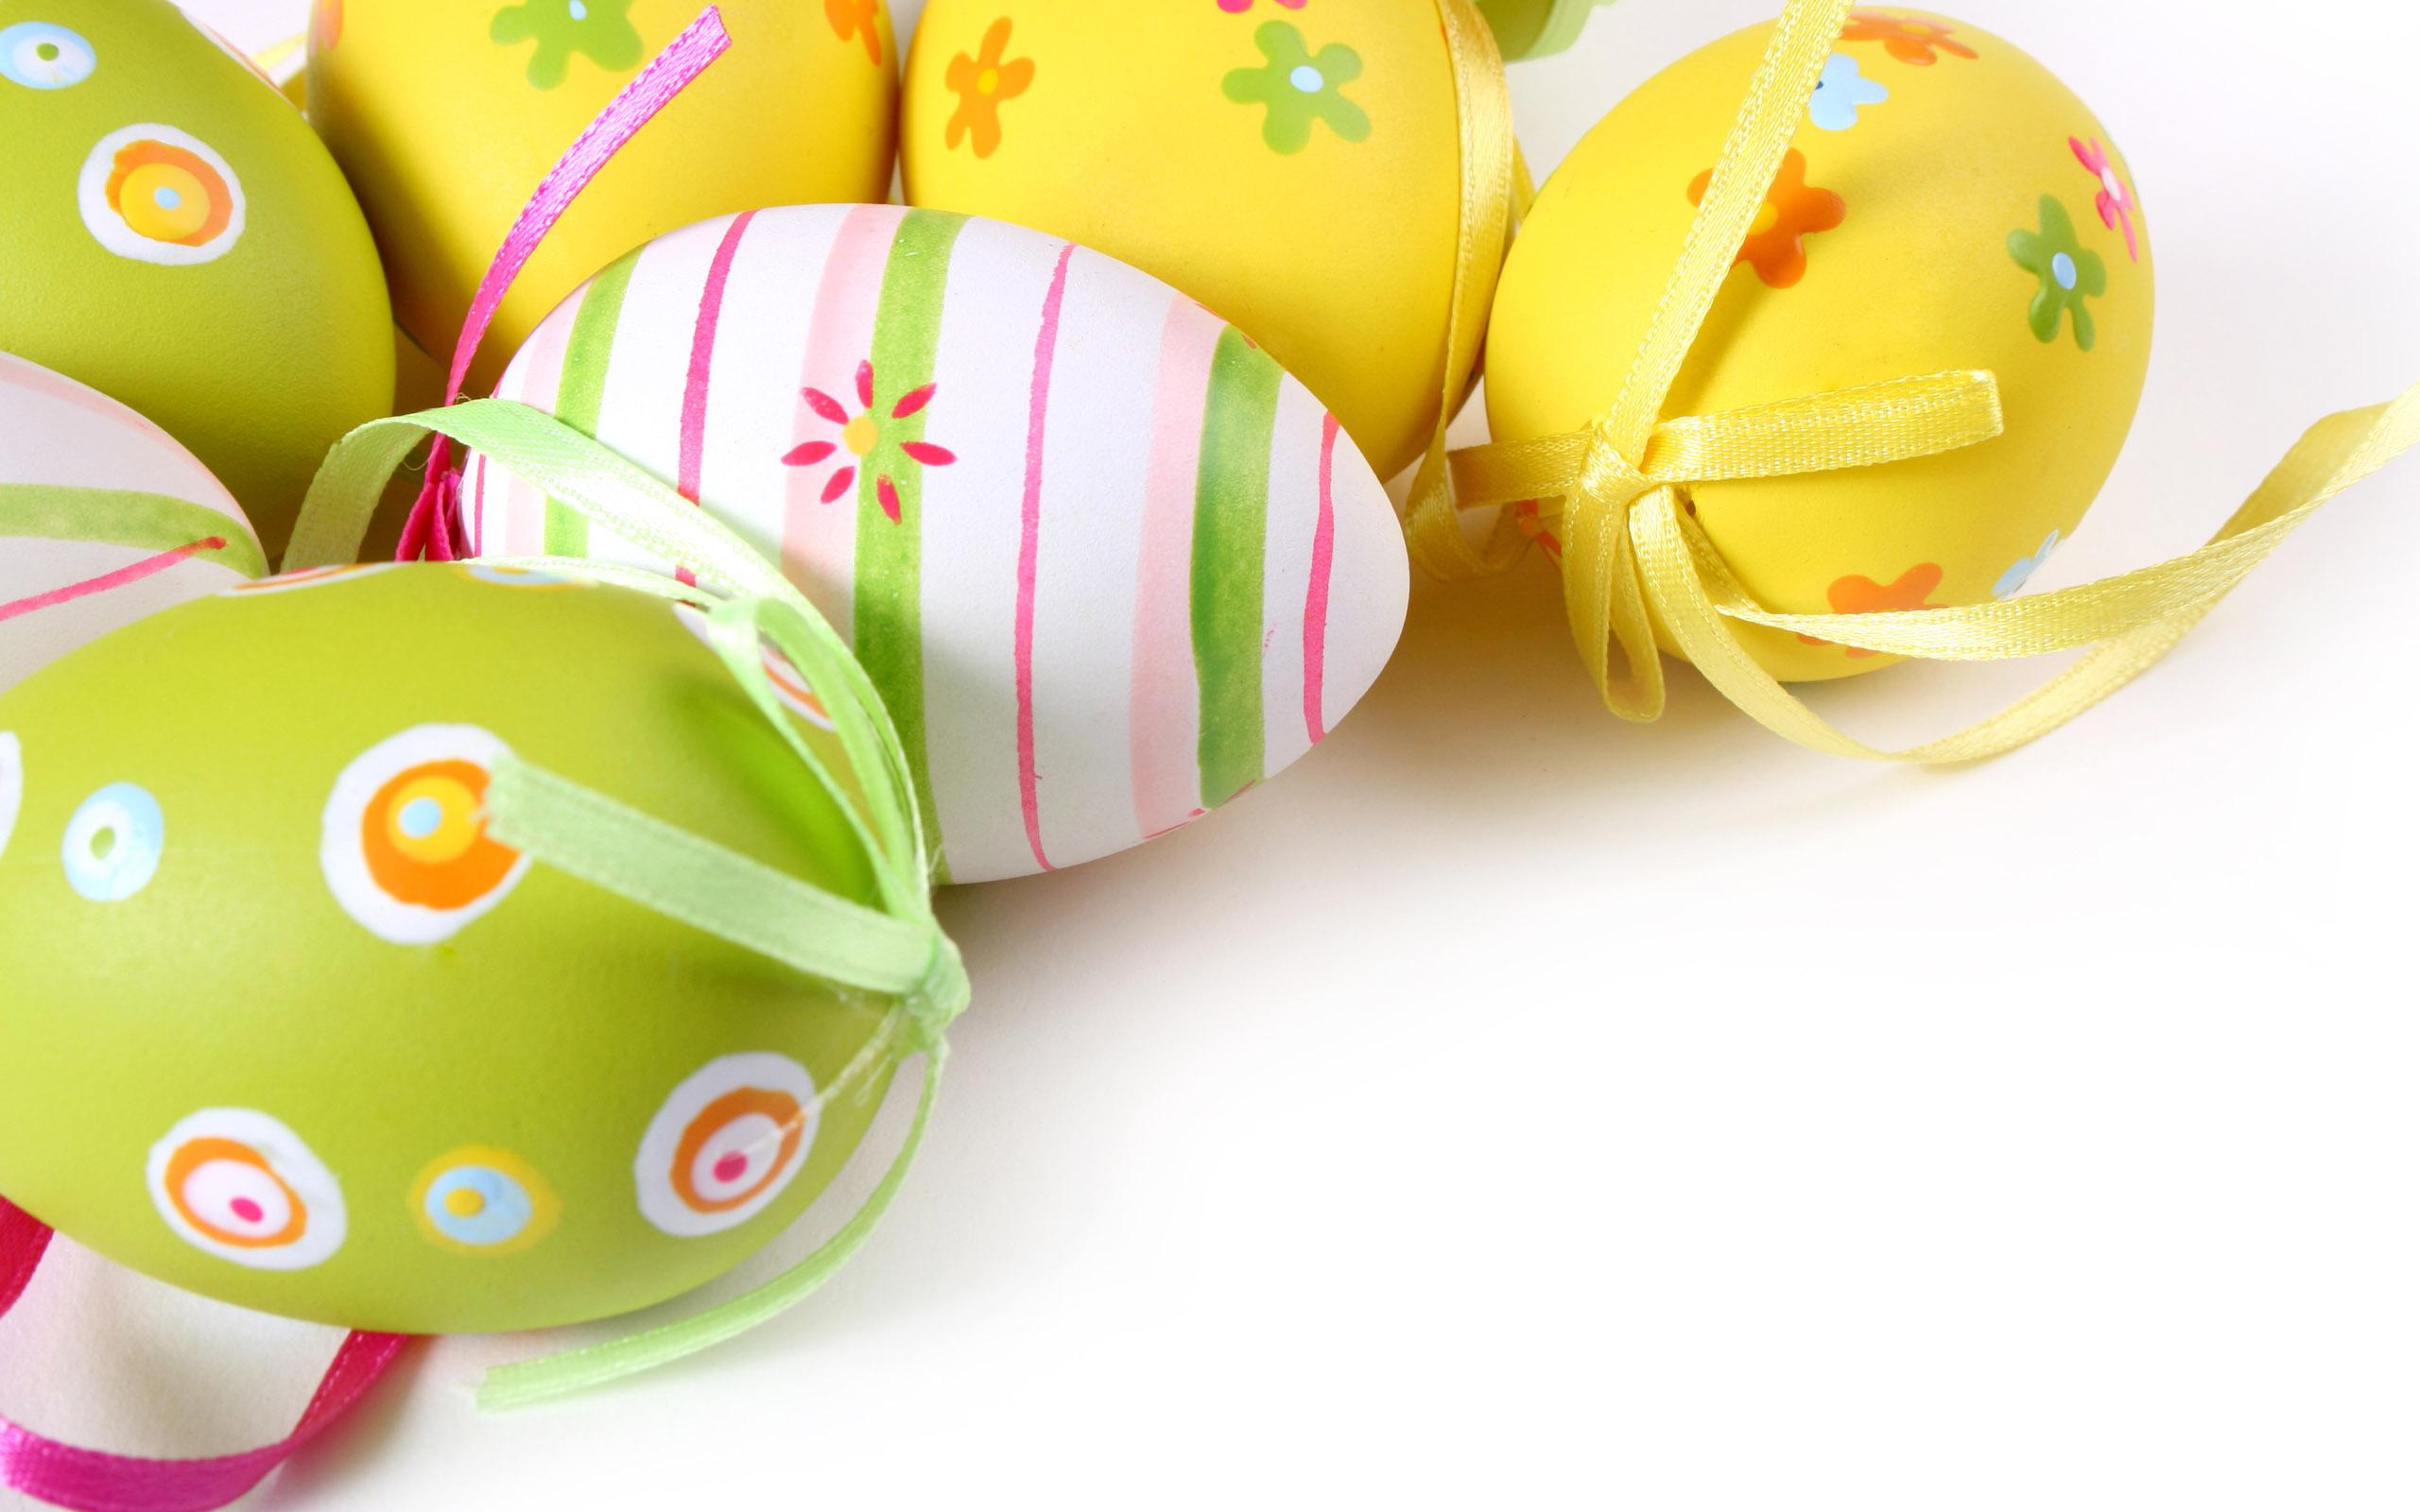 تخم مرغ رنگی های بسیار زیبا برای عید و کریسمس